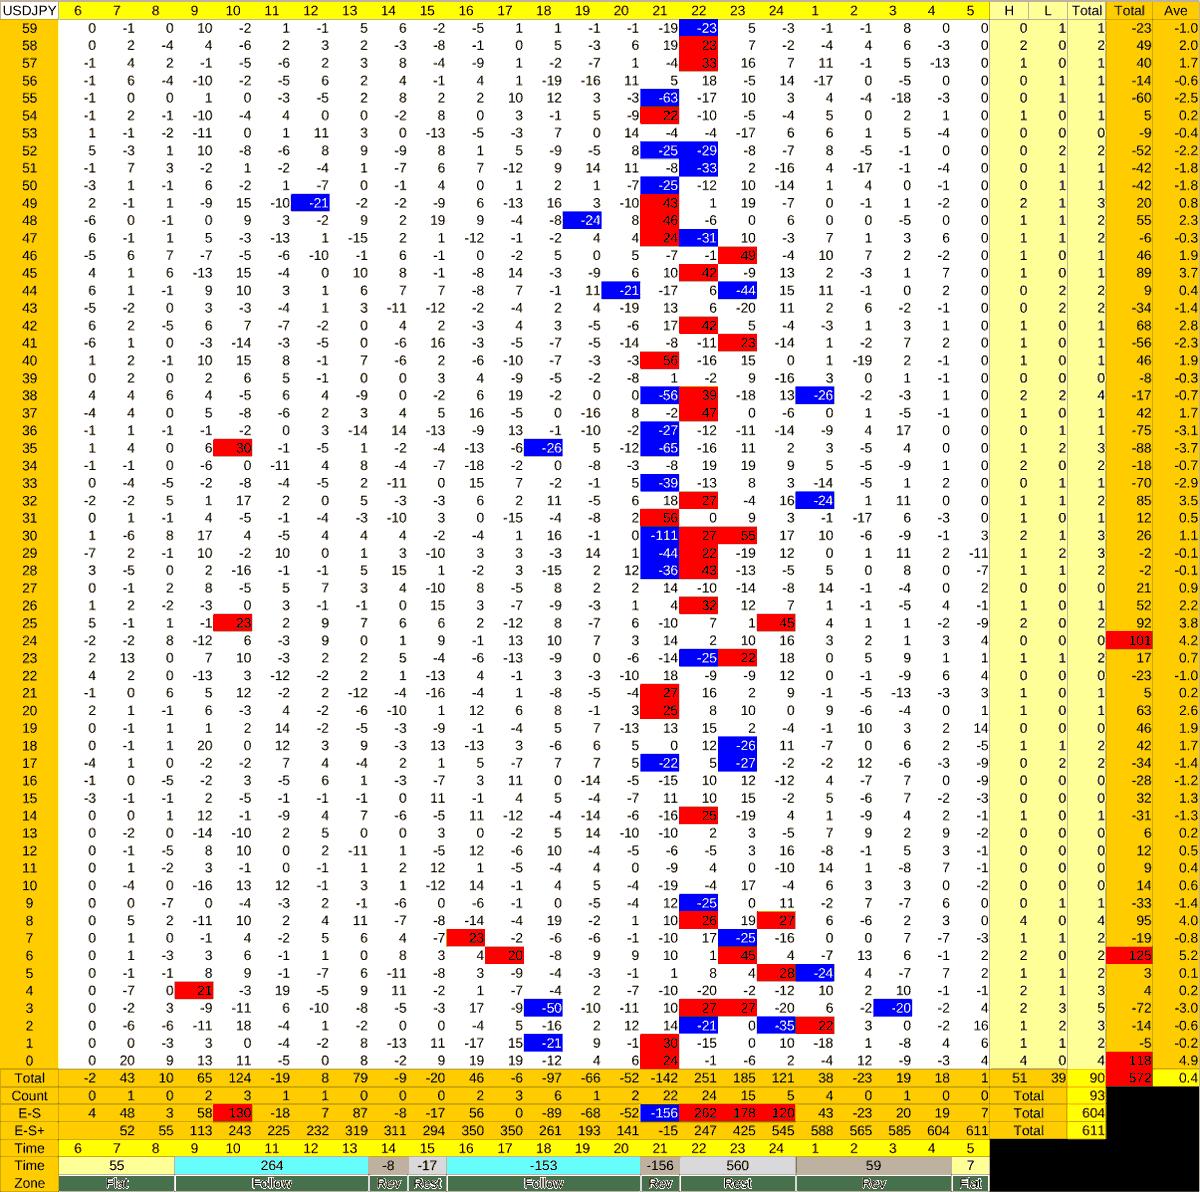 20211008_HS(1)USDJPY-min